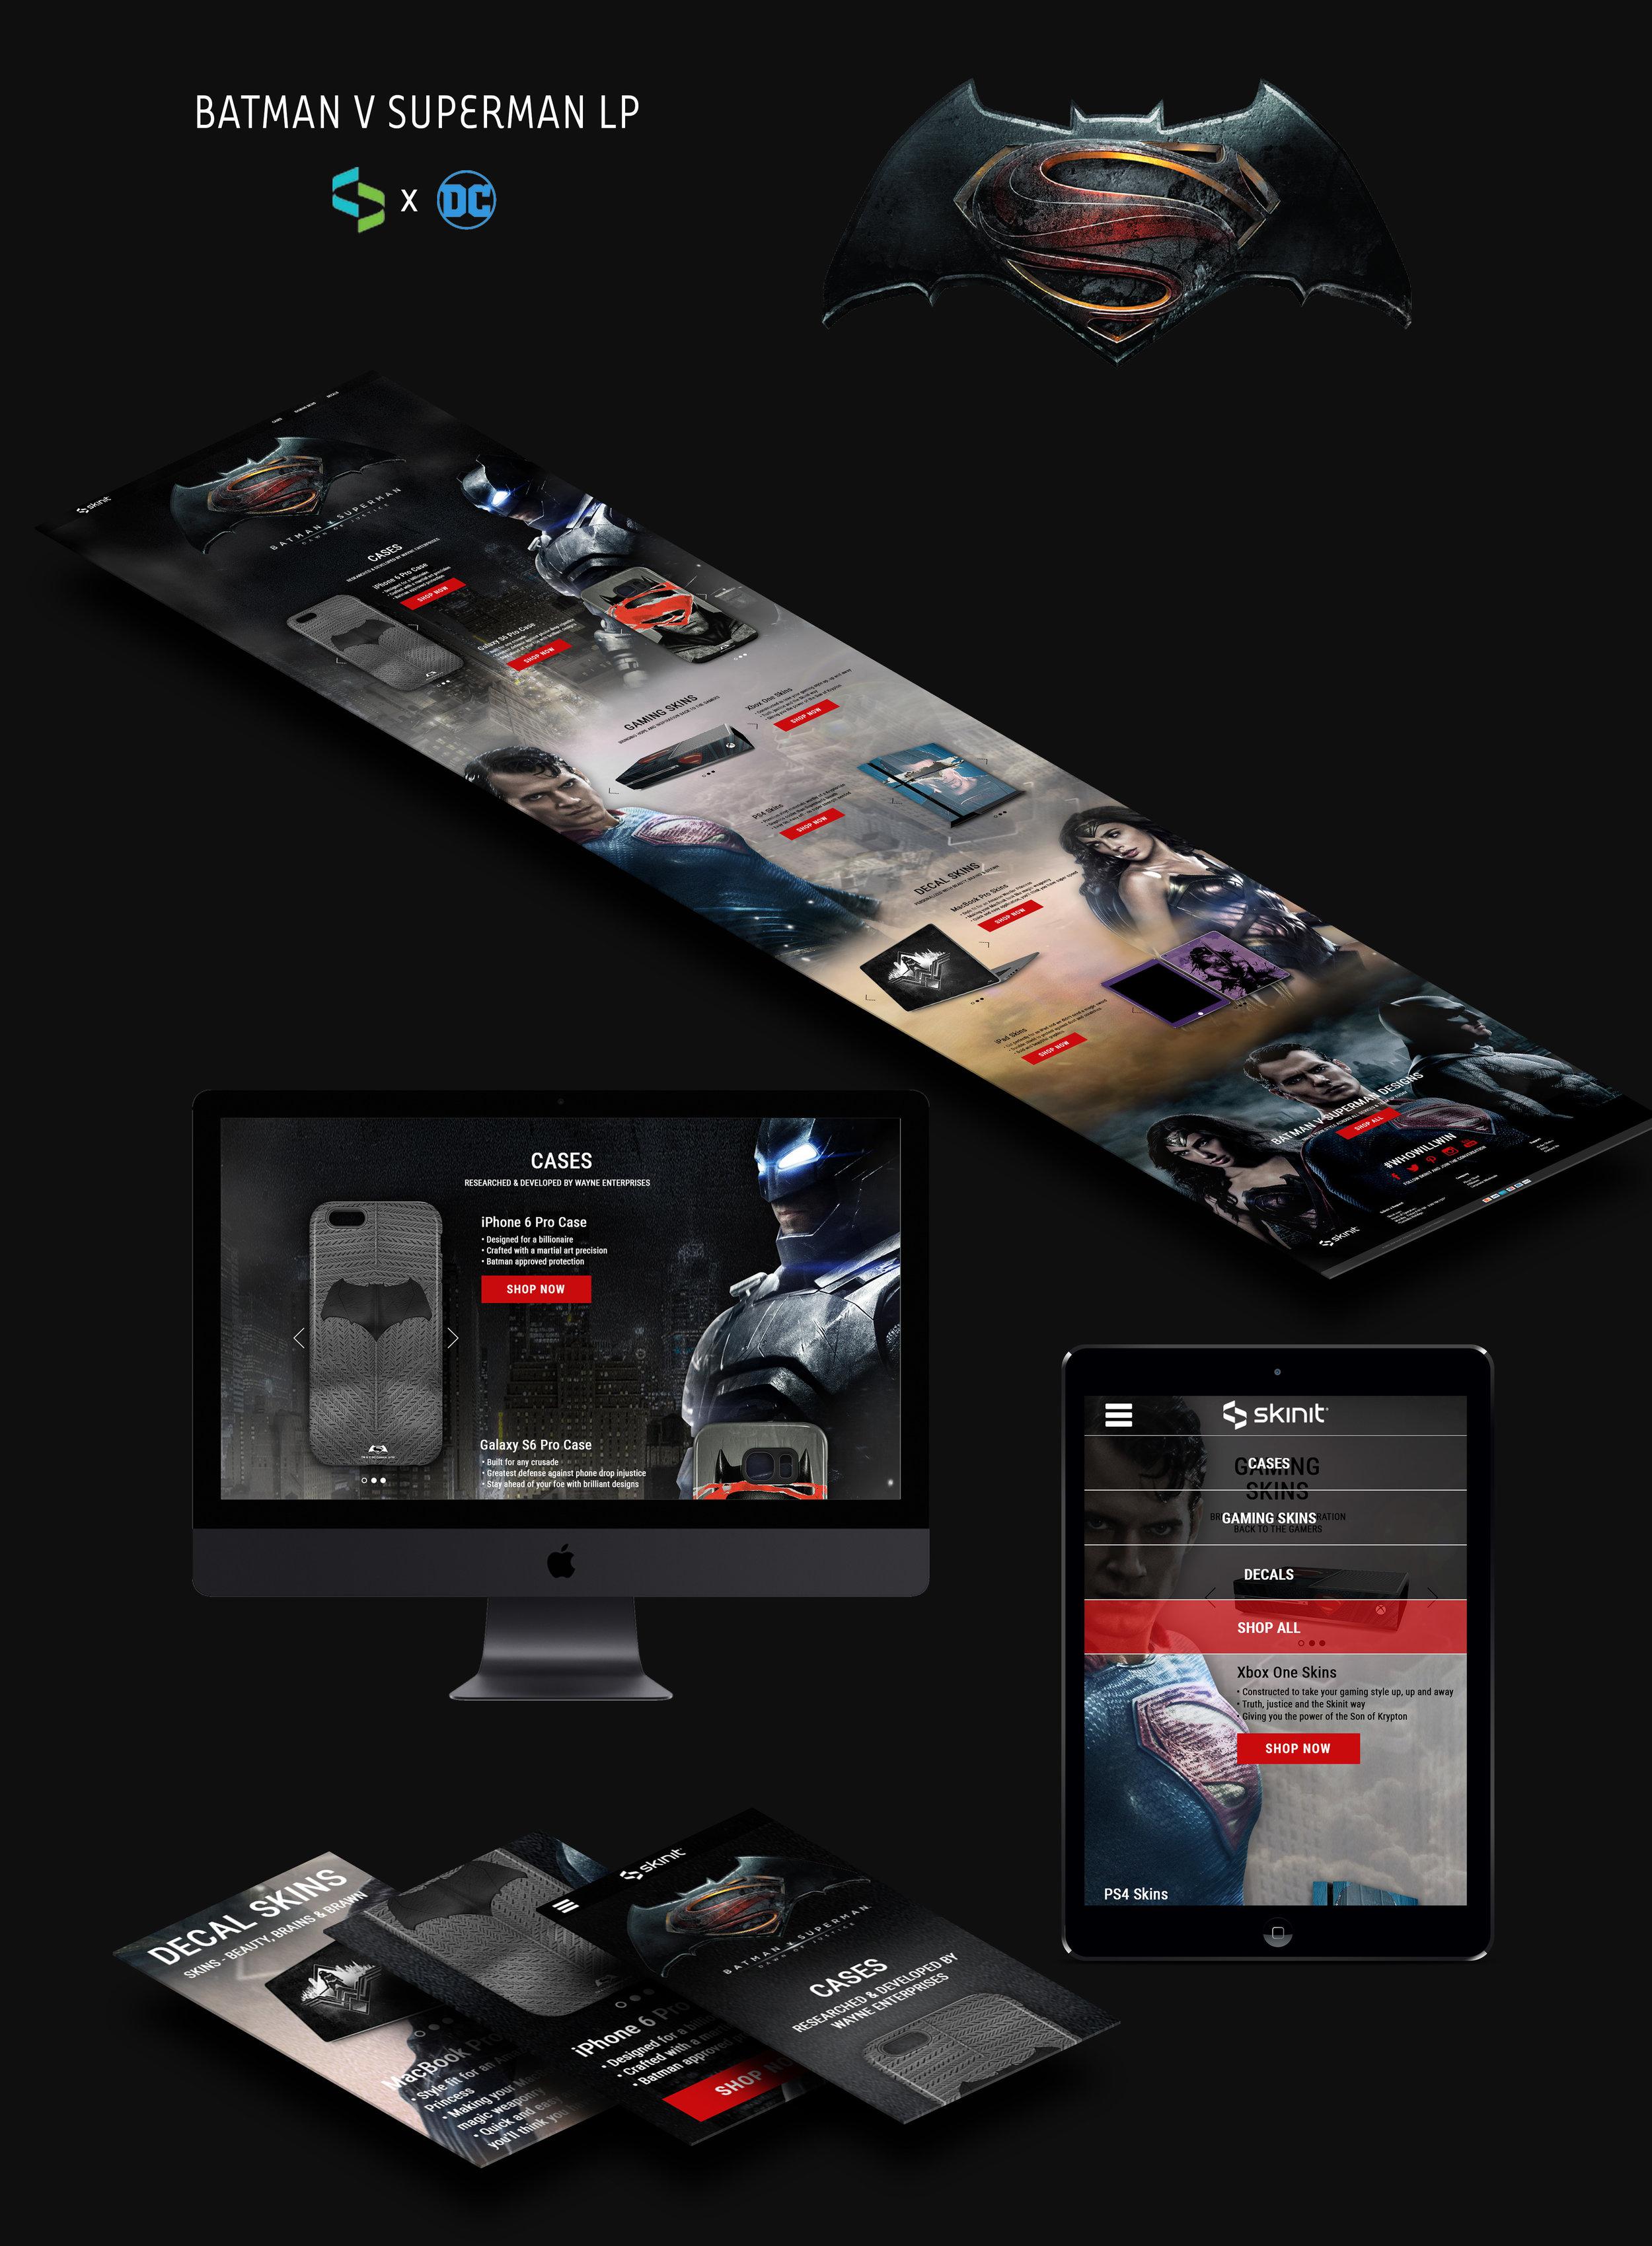 BatVSup.jpg